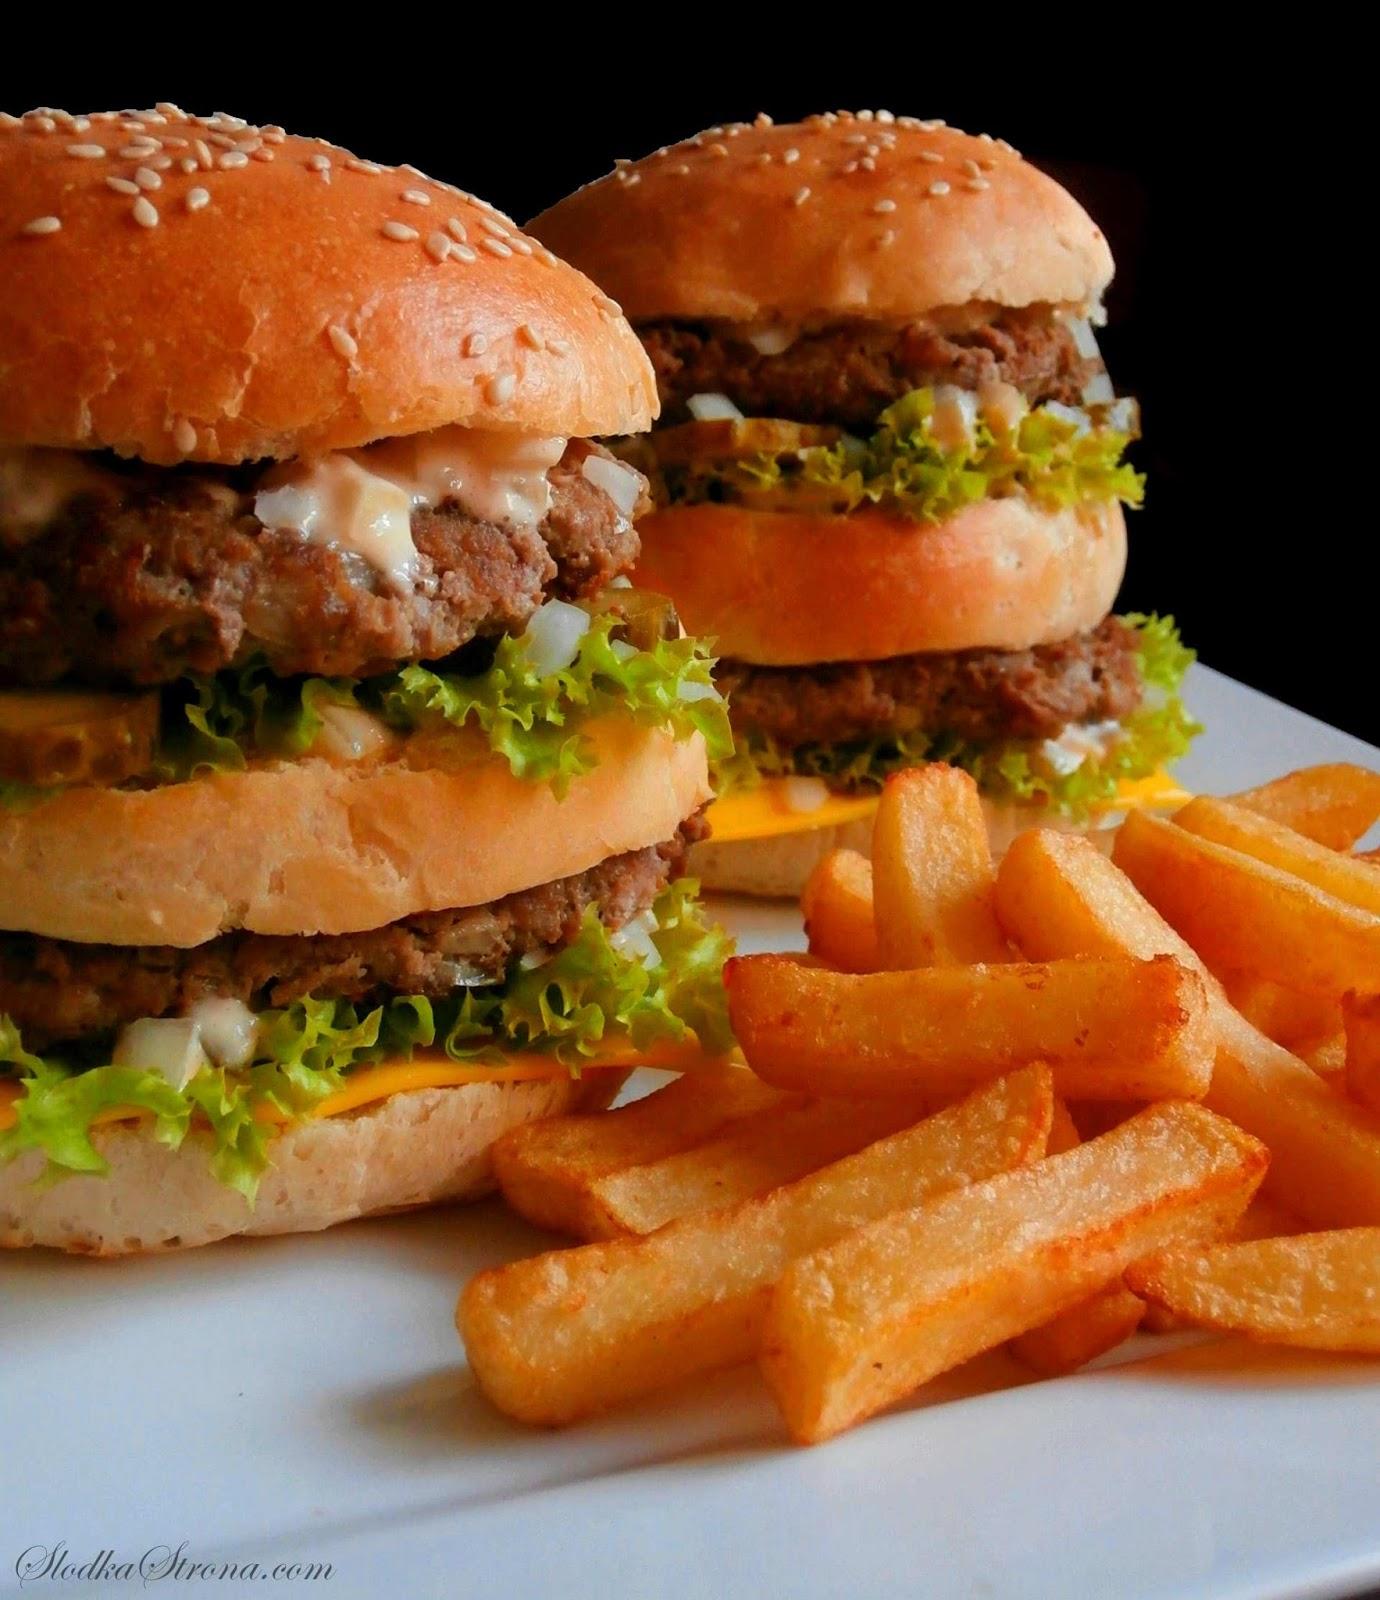 """Domowy Big Mac - Przepis - Słodka Strona, Big Mac to jedna z najpopularniejszych i najbardziej lubianych kanapek z McDonald's - Big Mac jest niemal wizytówką McDonald'sa. Charakteryzuje go duża, składająca się z 3 części bułka, podwójna porcja mięsa wołowego oraz warzywa takie jak: ogórek konserwowy, sałata oraz cebula.  Jego wyjątkowego i charakterystycznego smaku nadaje również """"Sos Big Mac"""", który znajdziemy we wnętrzu hamburgera.   Uwielbianego przez wielu Big Mac'a możemy przygotować w wersji domowej - jest on równie smaczny jak ten z McDonald's i przede wszystkim mamy pewność, że wiemy co jemy. Big Mac to jedna z najpopularniejszych i najbardziej lubianych kanapek z McDonald's. Wyjątkowego i charakterystycznego smaku Big Maca nadaje mu m.in. """"Sos Big Mac"""", który znajdziemy we wnętrzu hamburgera. Receptura oryginalnego """"królewskiego sosu"""" jest oczywiście tajemnica restauracji, jednak na podstawie smaku oraz składników wyczuwalnych w dipie można przygotować sos bardzo zbliżony do oryginału. Jest on równie smaczny jak ten z McDonald's i przede wszystkim mamy pewność, że wiemy co jemy. sos do big maca, domowy sos do big maca, sos do big maca przepis, domowy sos do big maca przepis, domowy big mac, domowy big mac przepis, jak zrobic sos do big maca, jak zrobic big maca, big mac z mcdonalda, mcdonald, big mac z mcdonalda przepis,"""